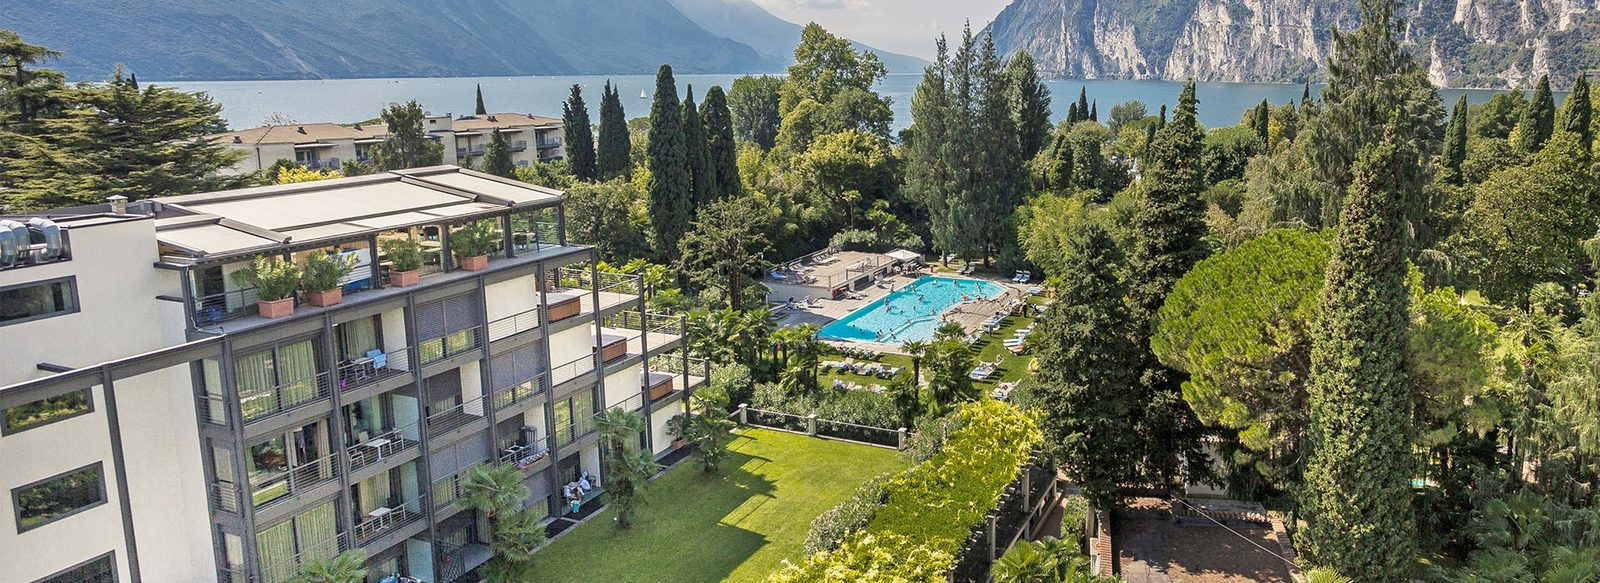 Immerso in un parco sulle rive del Lago di Garda